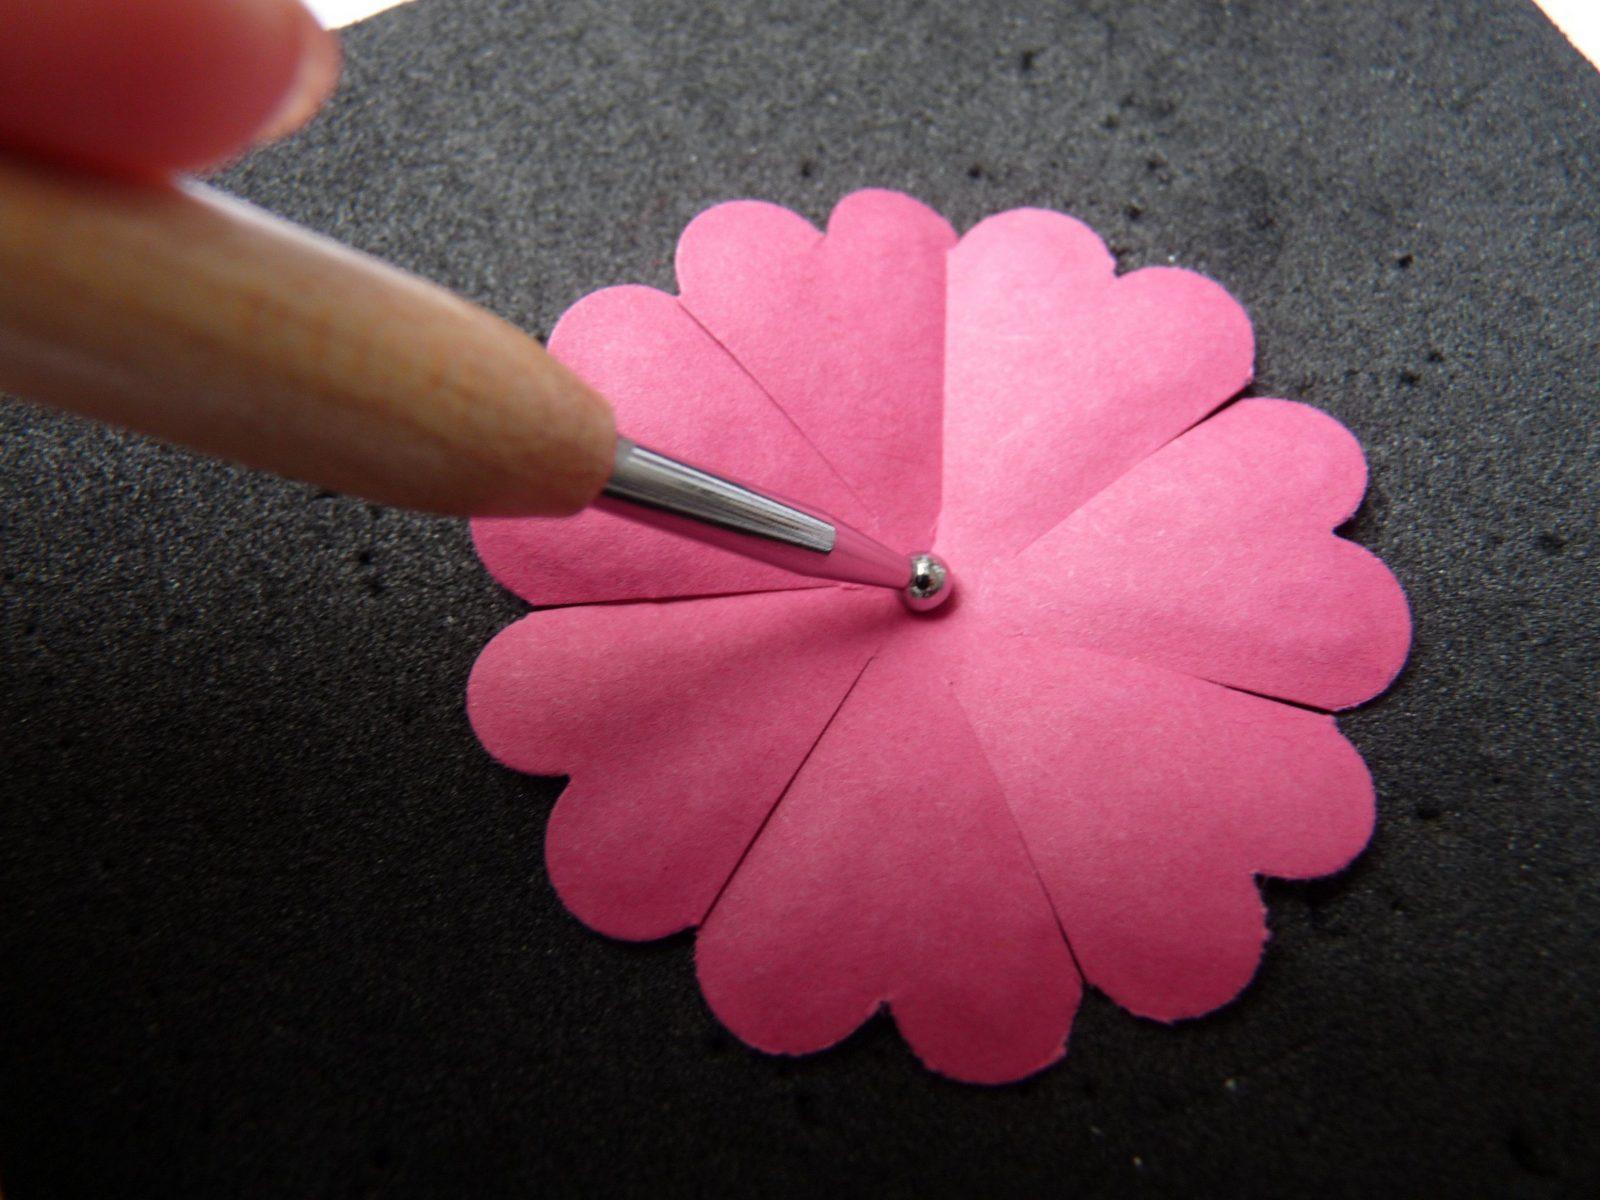 Blumeauspapierbastelnfesselndaufkreativedekoideenmitzusatzlichen Anleitungblume15 von Rose Basteln Papier Anleitung Bild